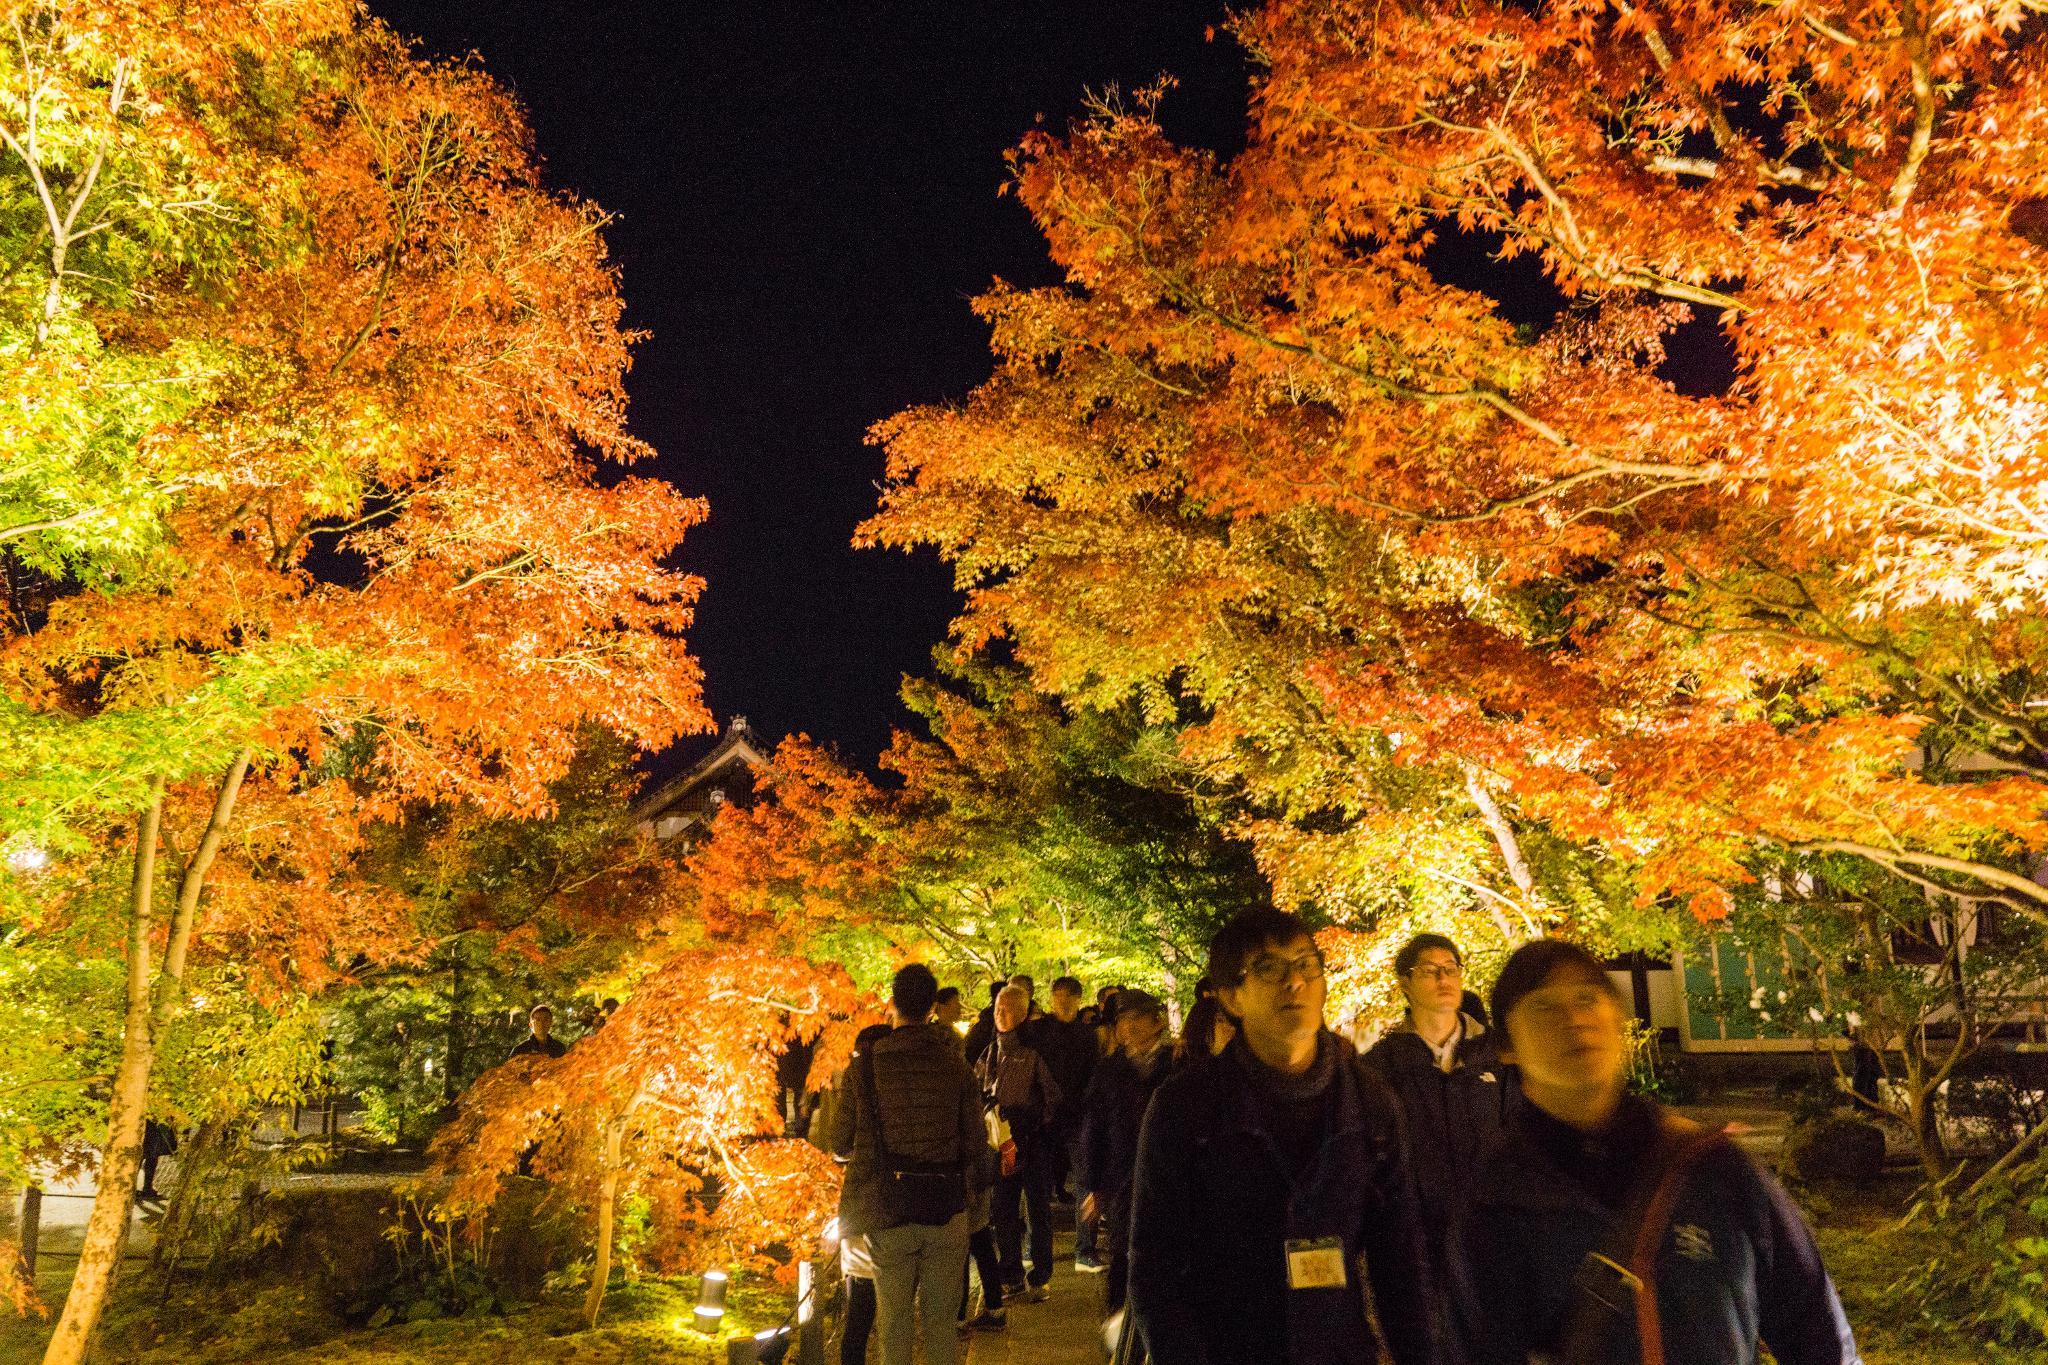 【京都】此生必來的紅葉狩絕景 - 永觀堂夜楓 128